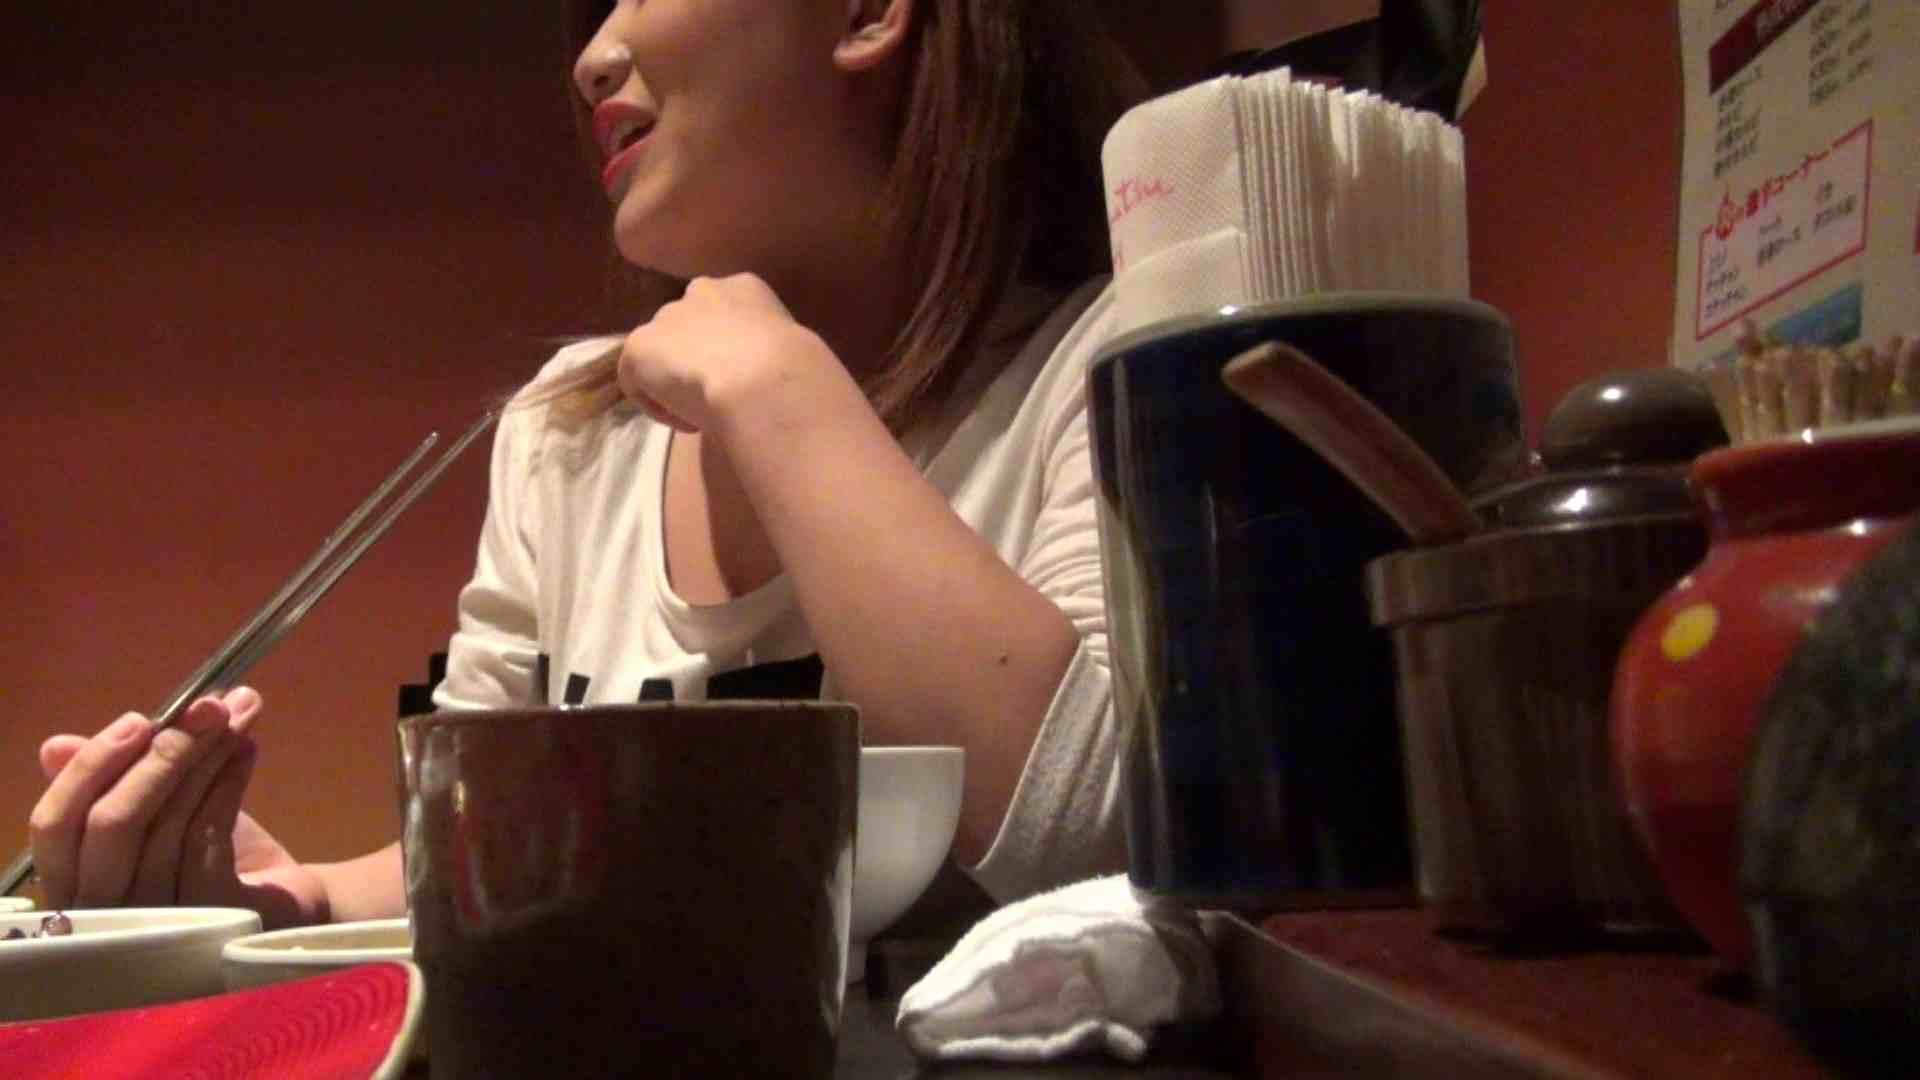 【出会い01】大助さんMちゃんと食事会 友人 | 悪戯  54連発 31